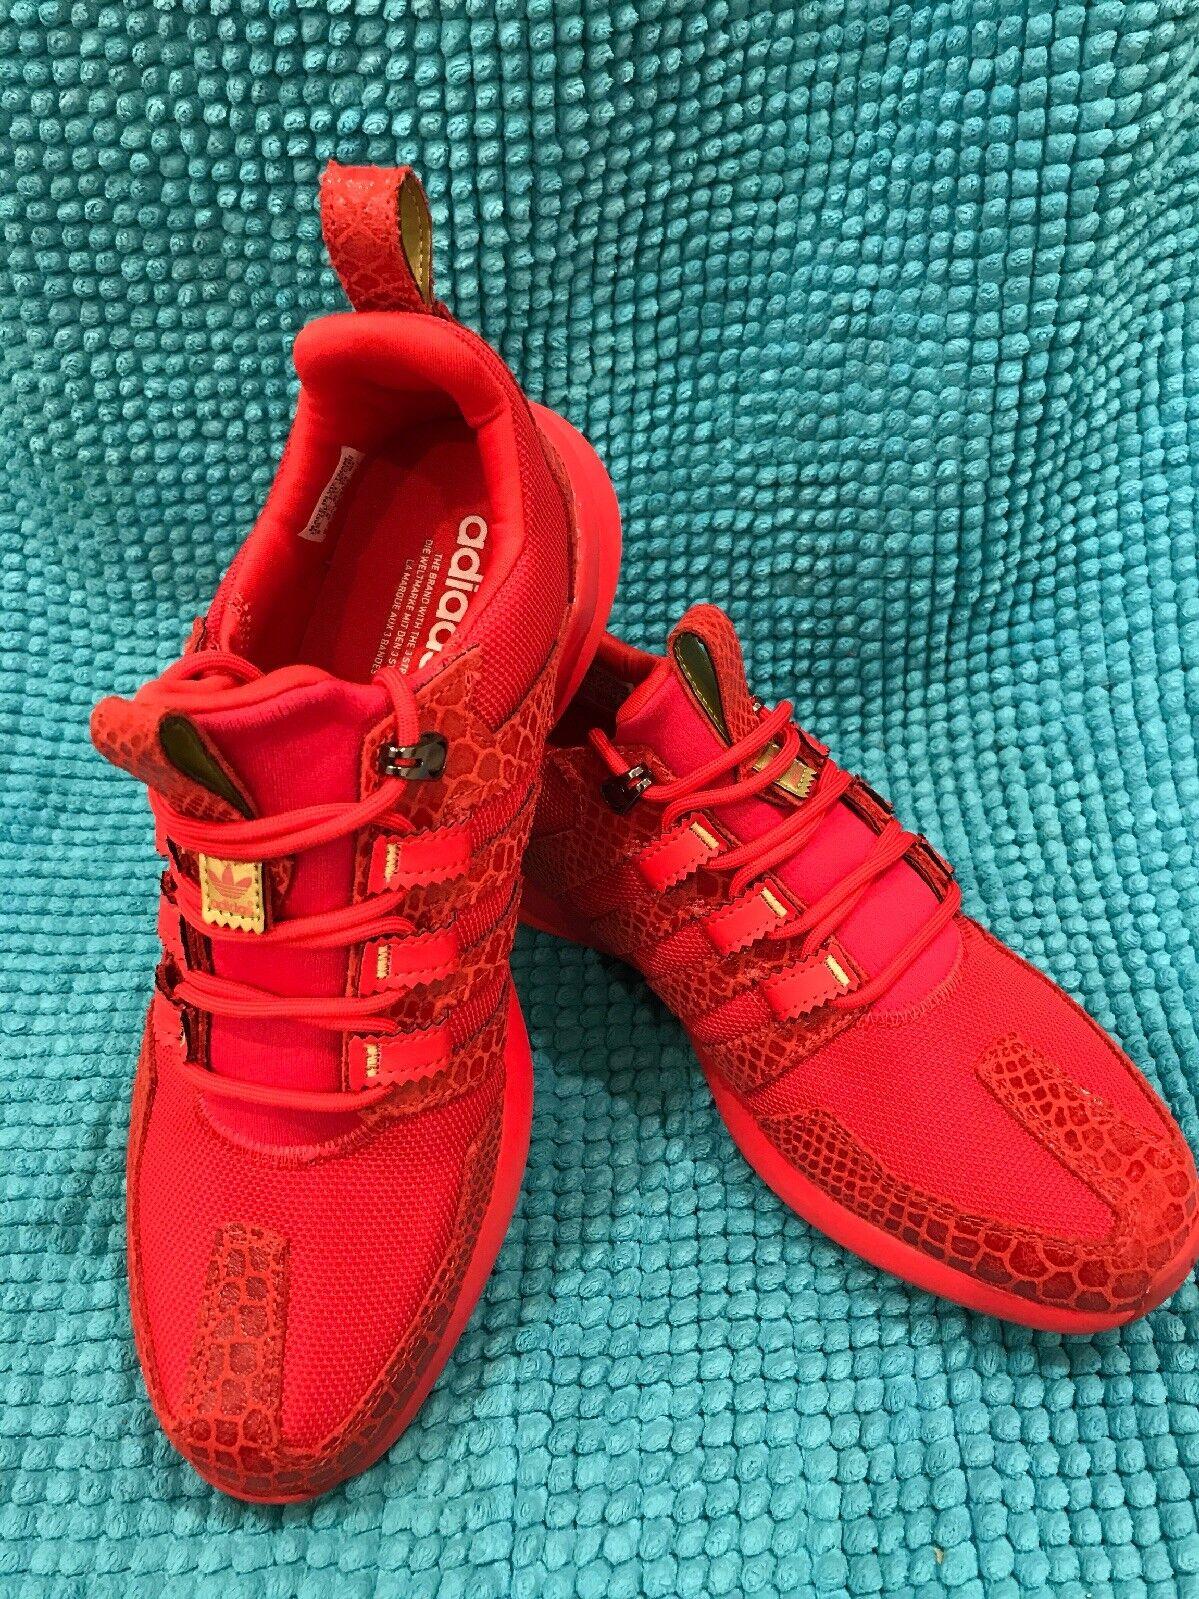 Adidas Uomo originali sl loop runner taglia 9 rosso serpente stampa